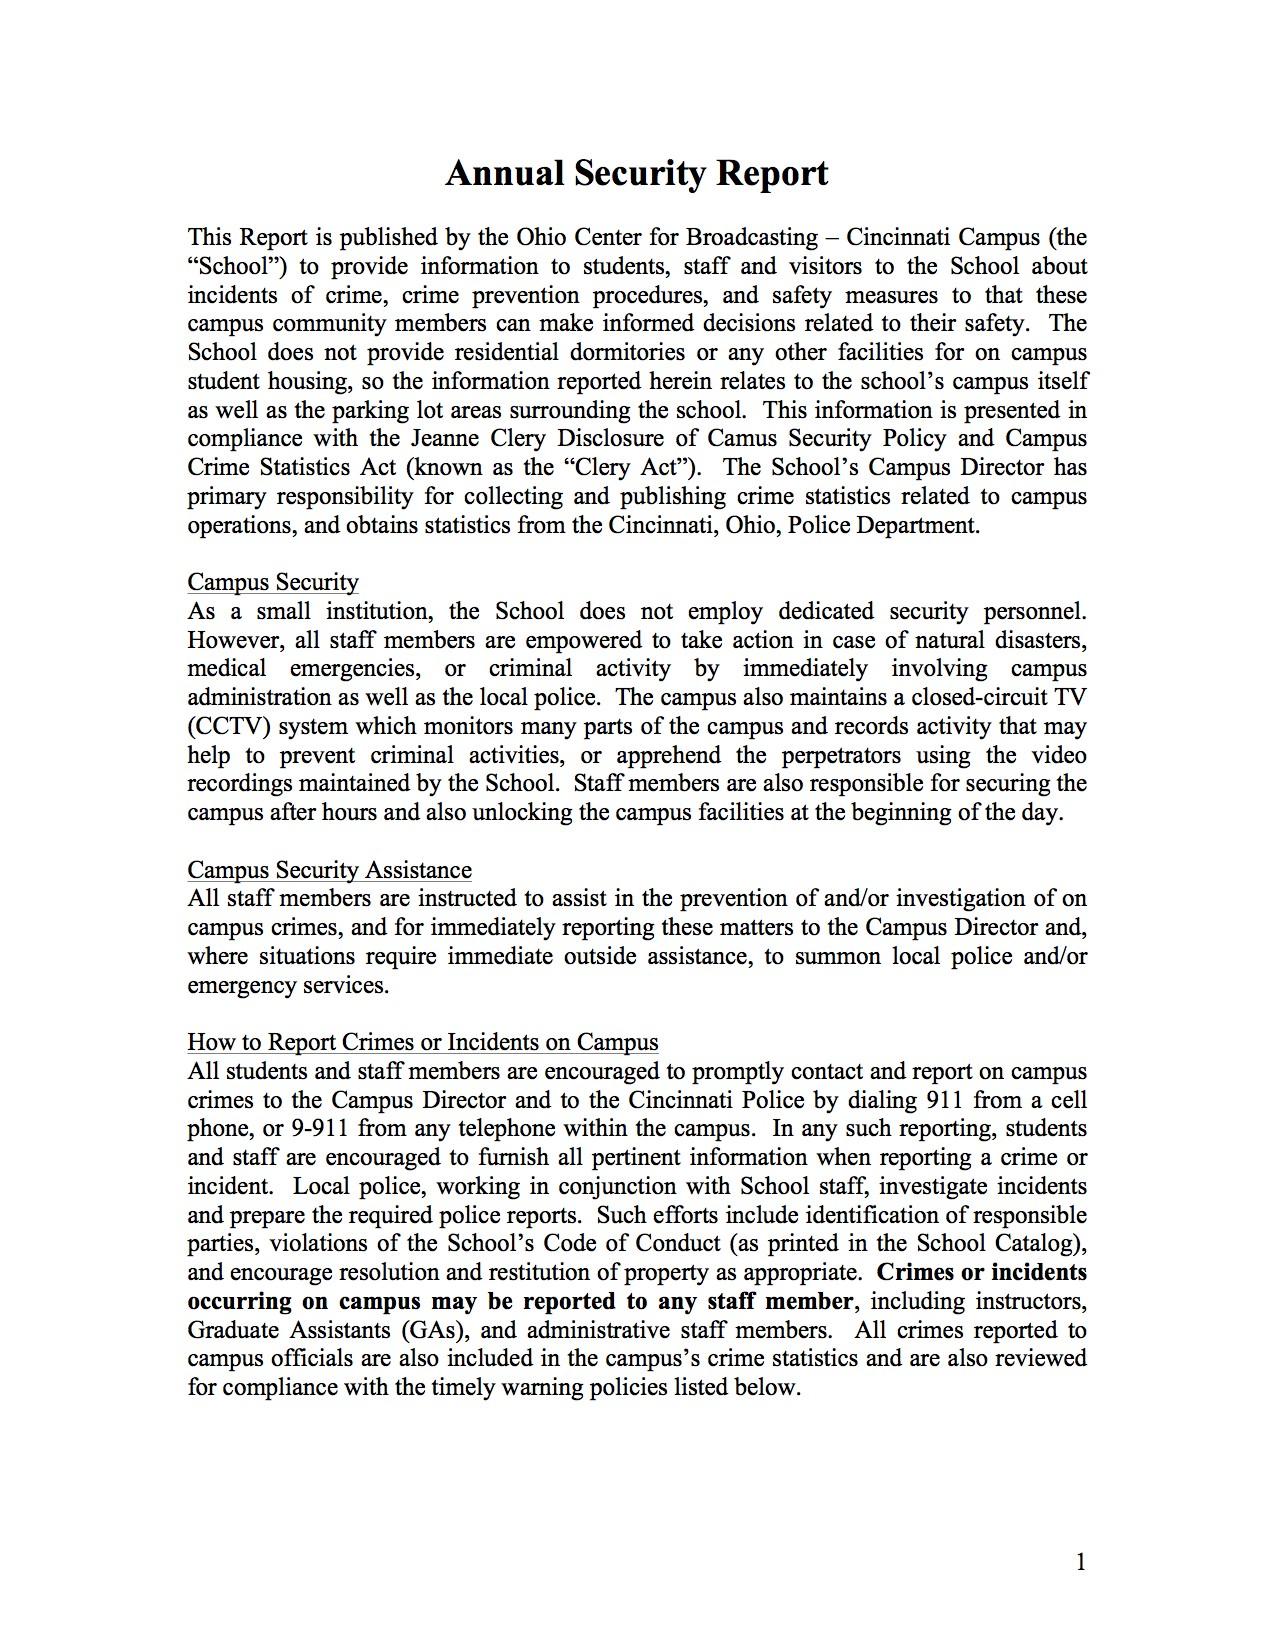 Annual-Security-Report-Cincinnati